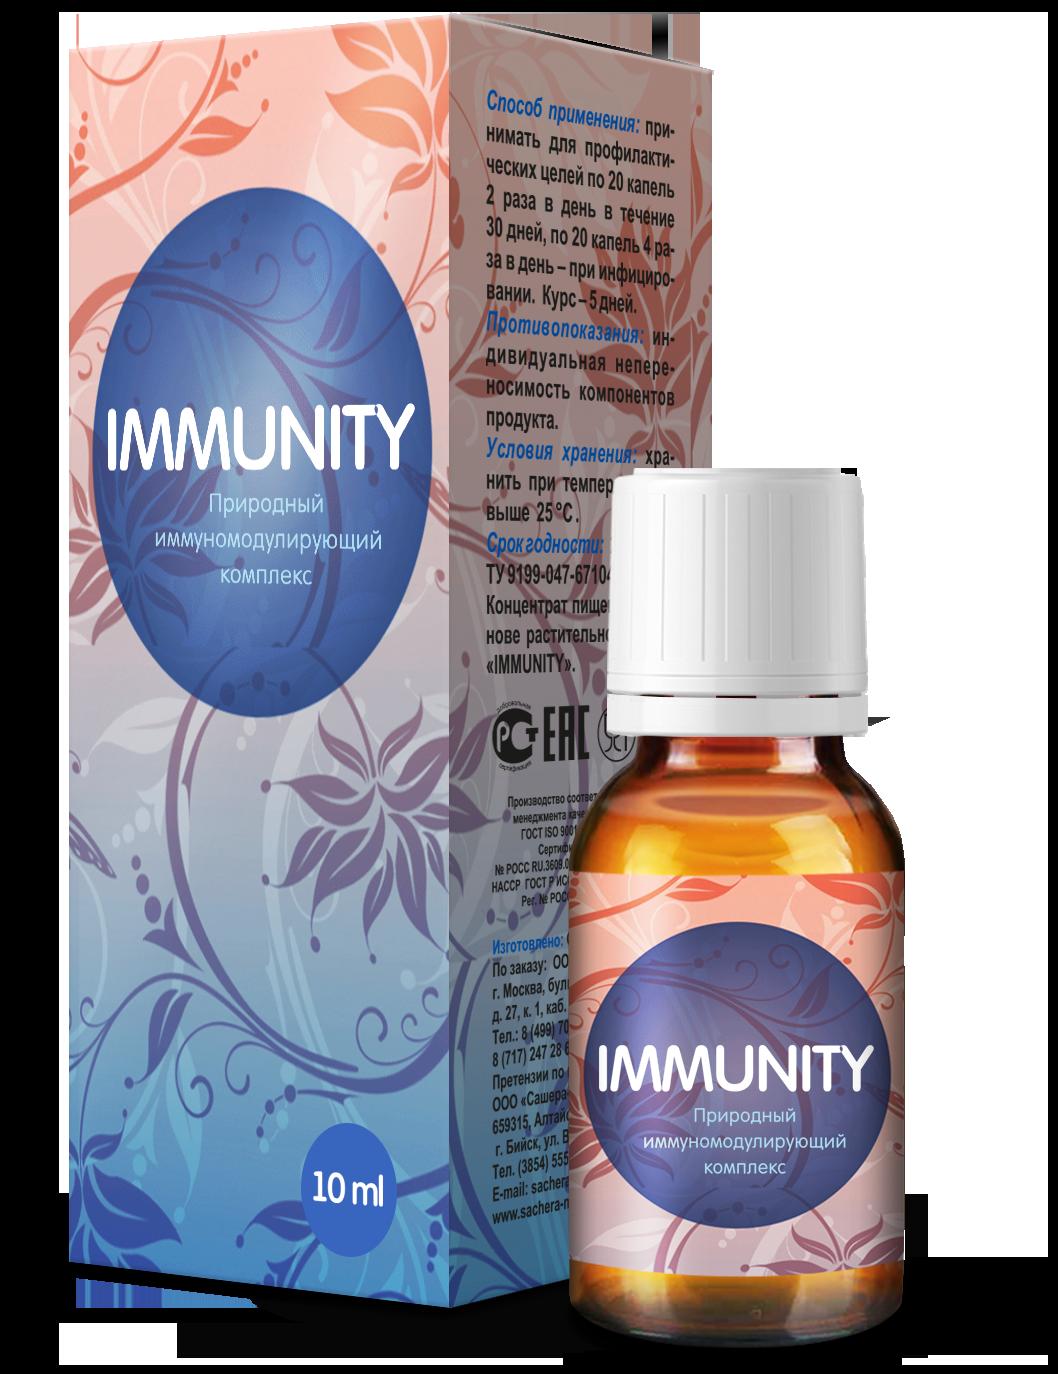 Immunity капли для иммунитета в Шахтах